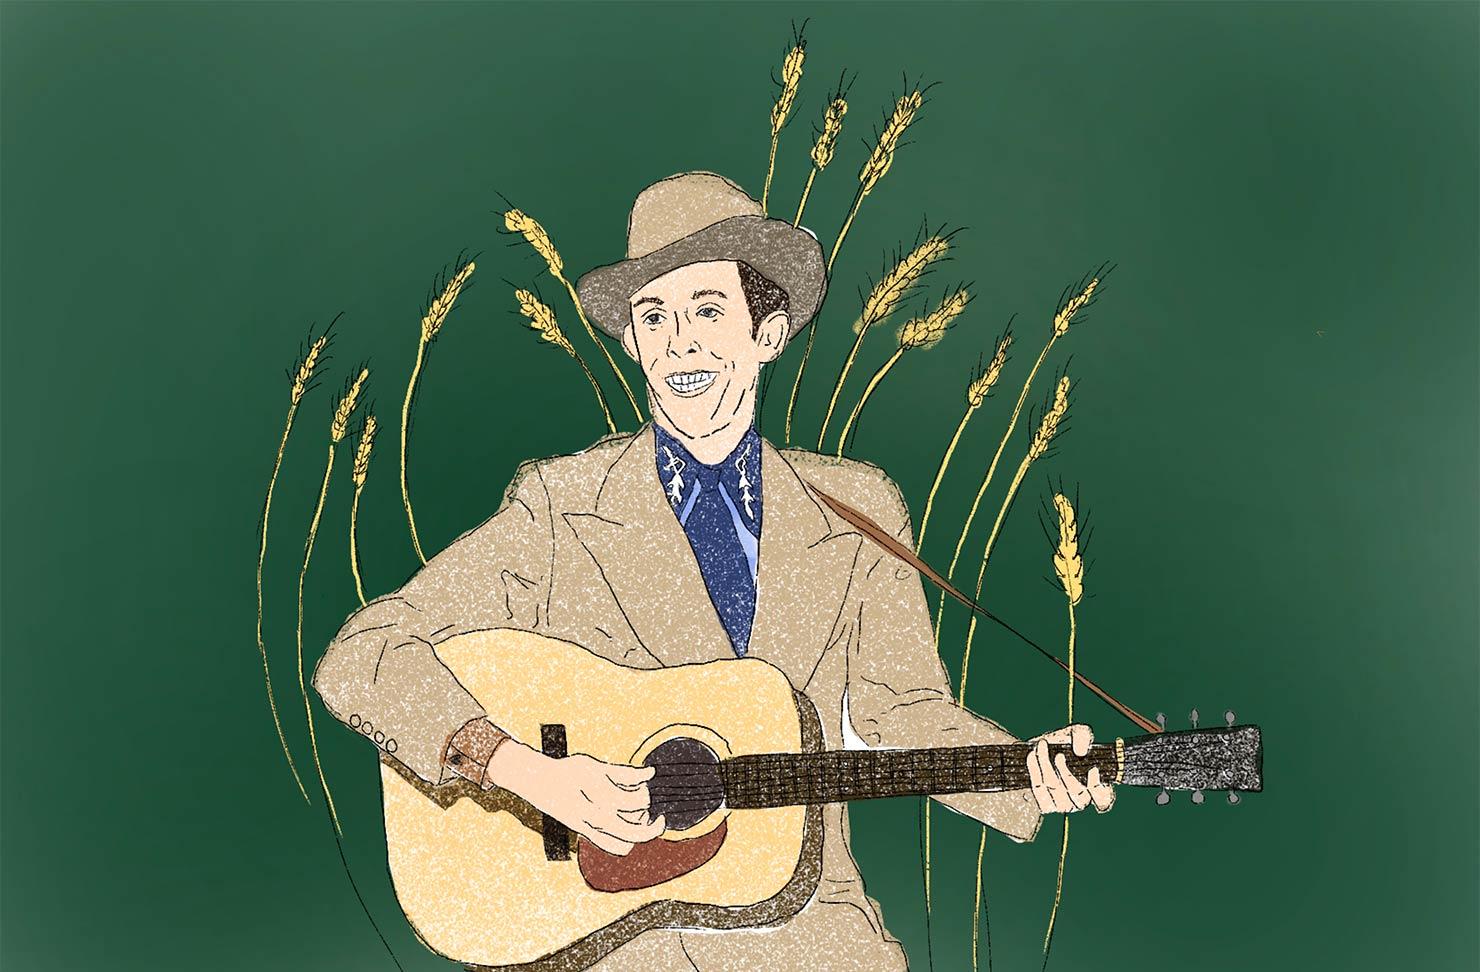 カントリーミュージックとフォークソングが歌うアメリカの労働。ファーマーたちの心と音楽のルーツ